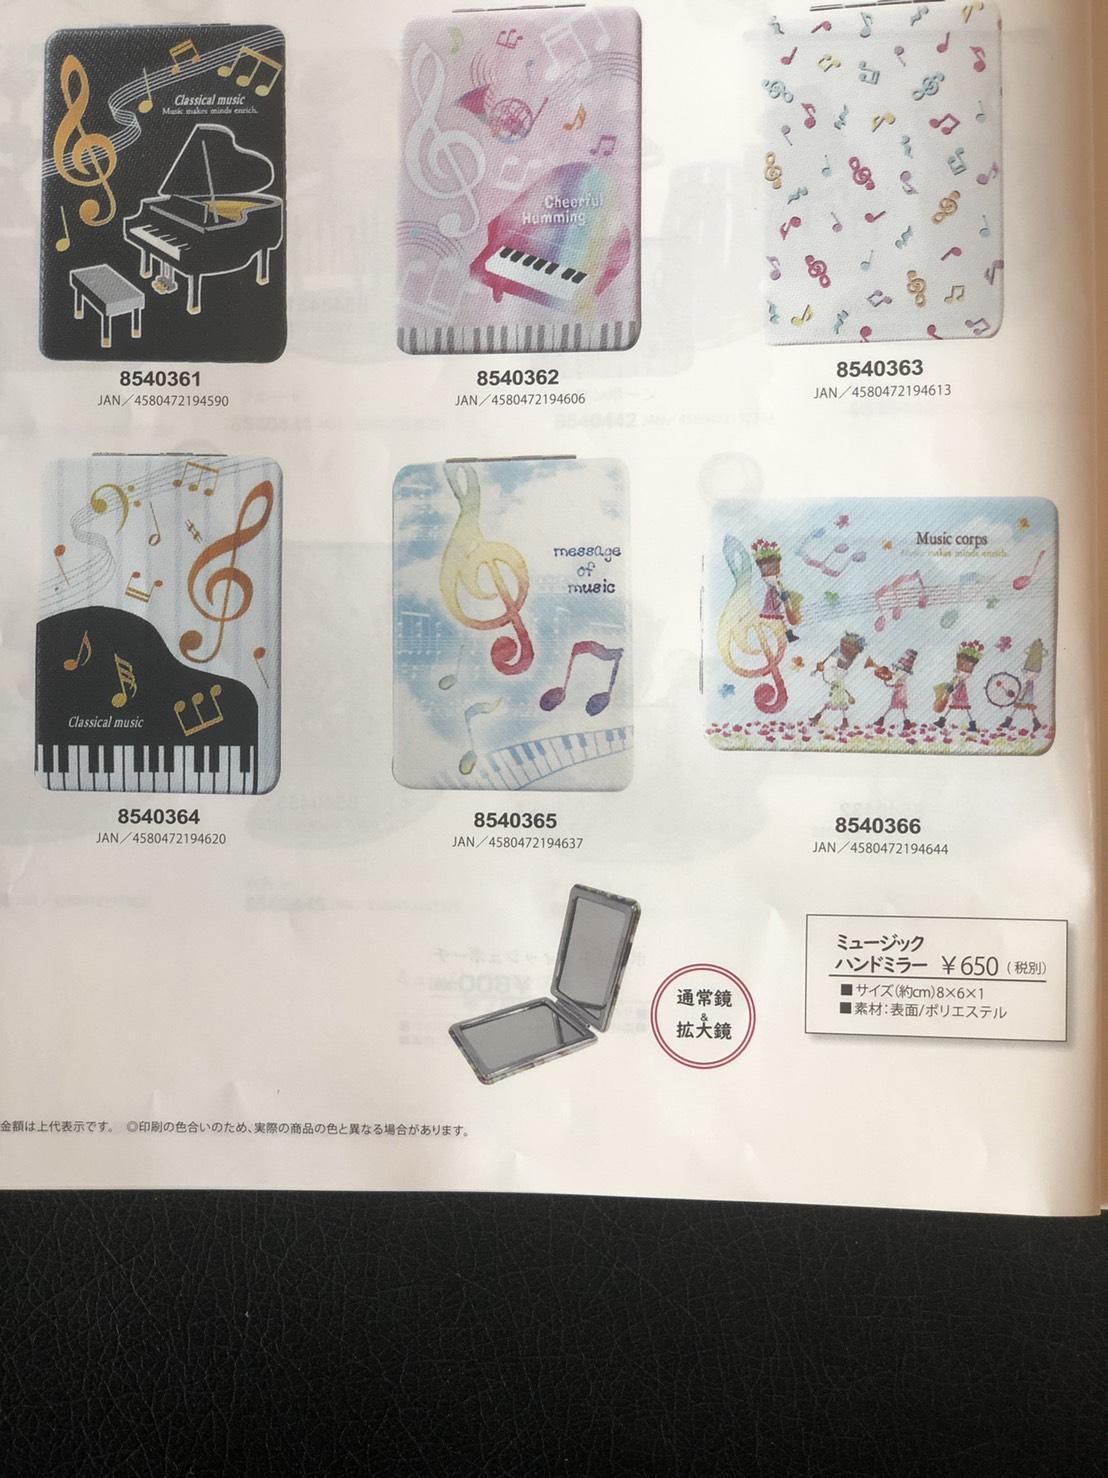 ミュージックハンドミラー※お取り寄せ商品 引き出物 記念品 音楽雑貨 音符 ピアノモチーフ ト音記号 ピアノ雑貨